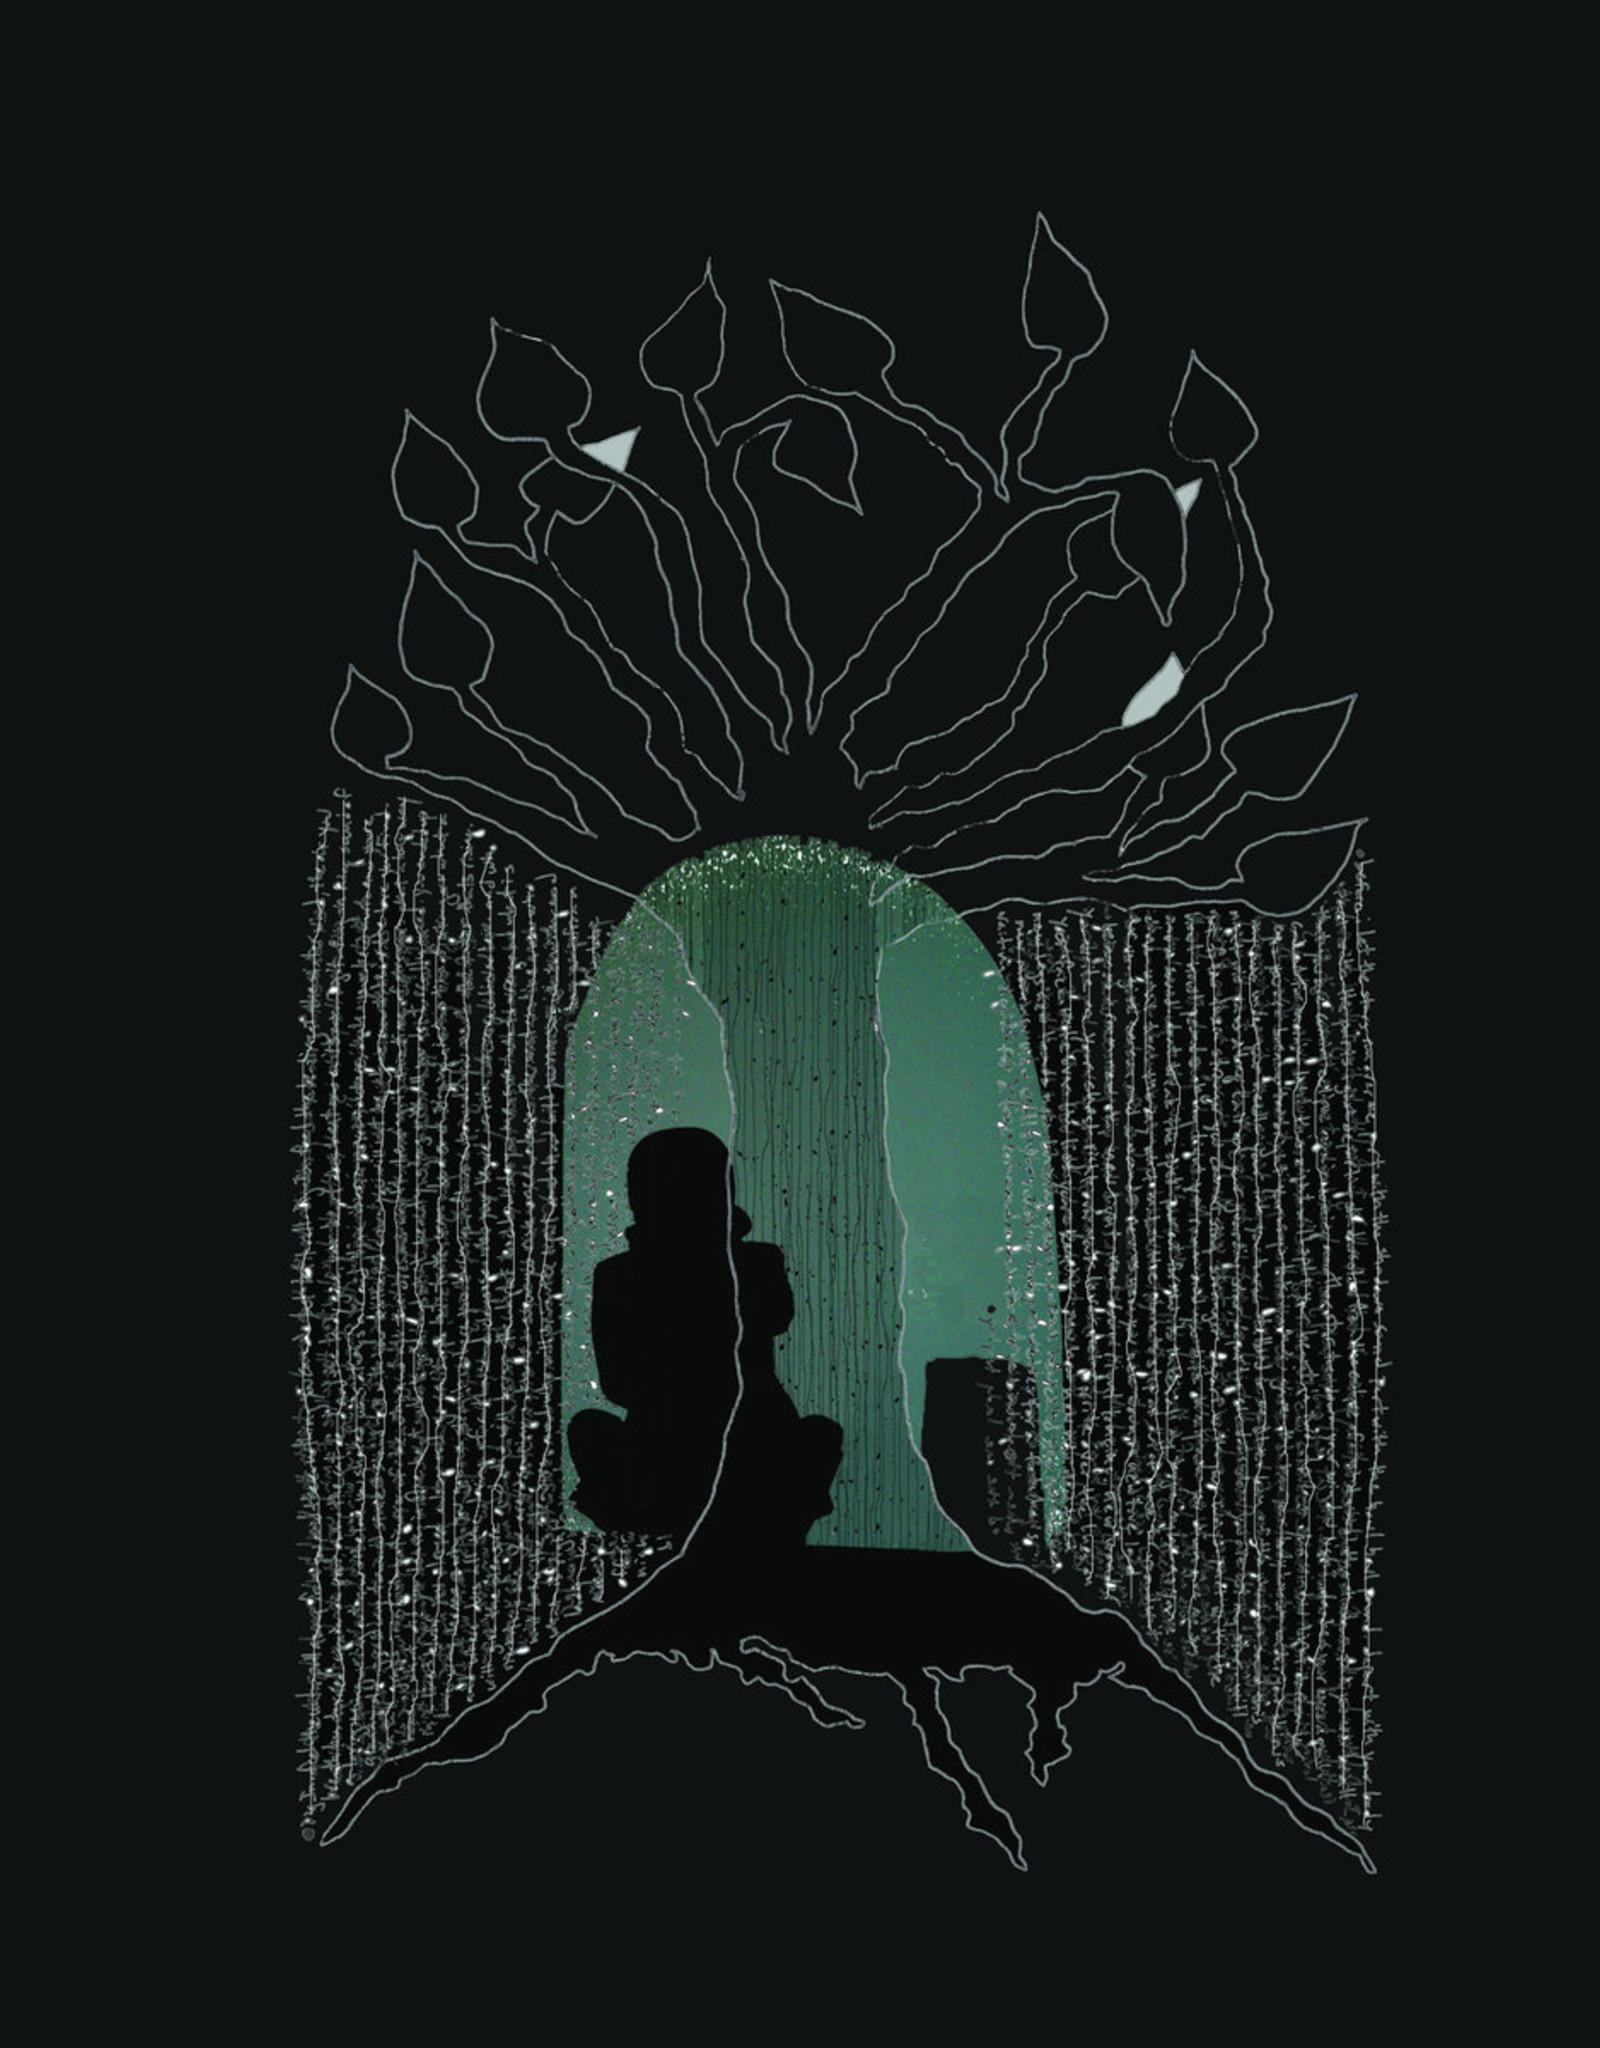 Tara Jane O'Neil - A Ways Away